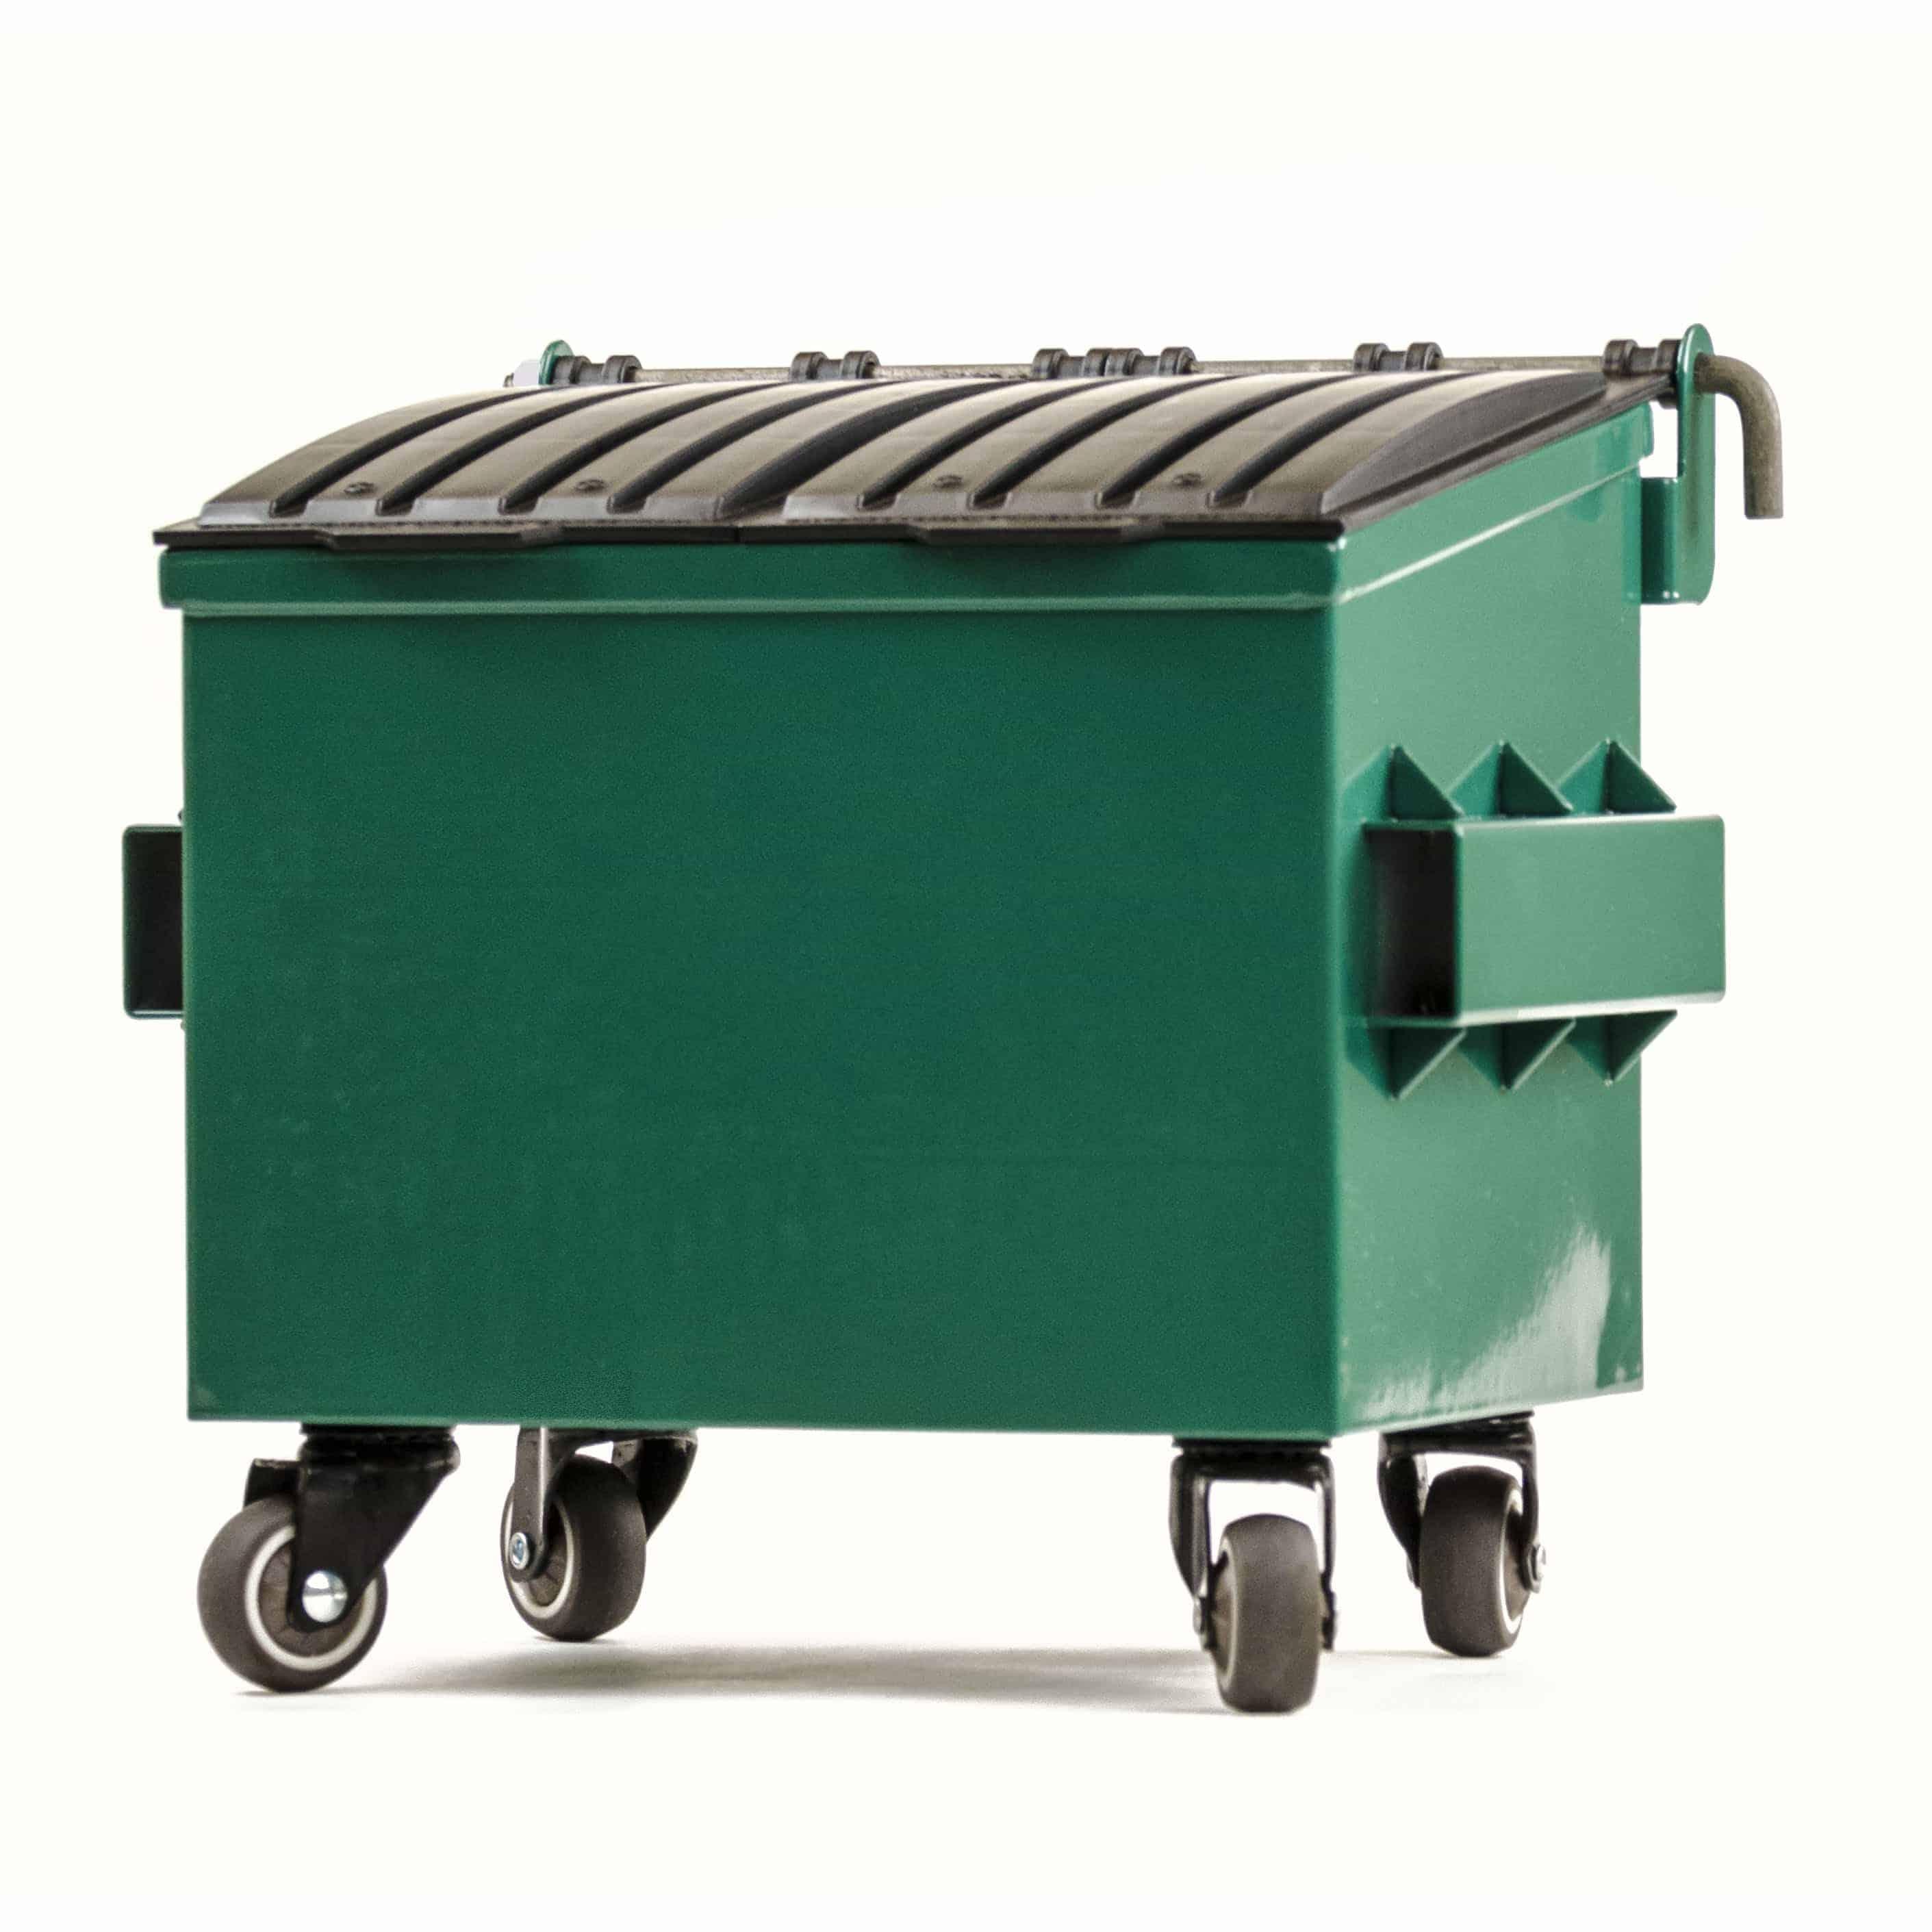 Fresh Green Dumpsty Dumpster